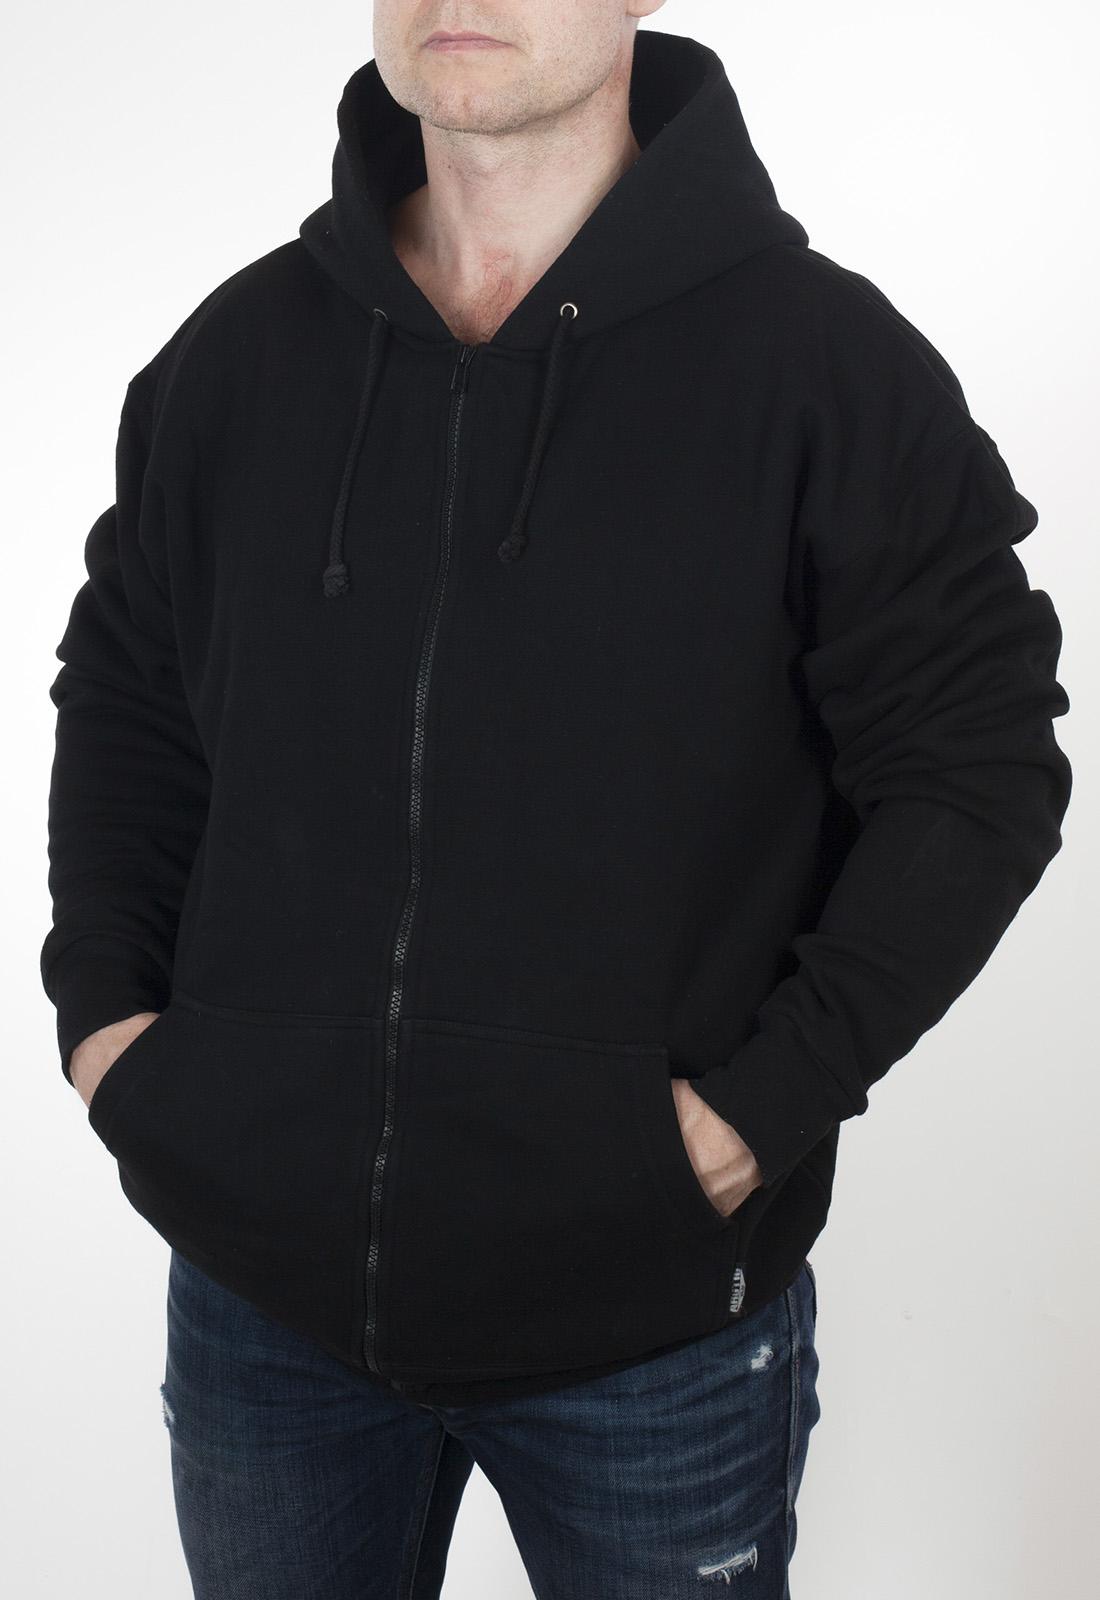 Утепленная мужская кофта худи в дизайне Спецназа ГРУ